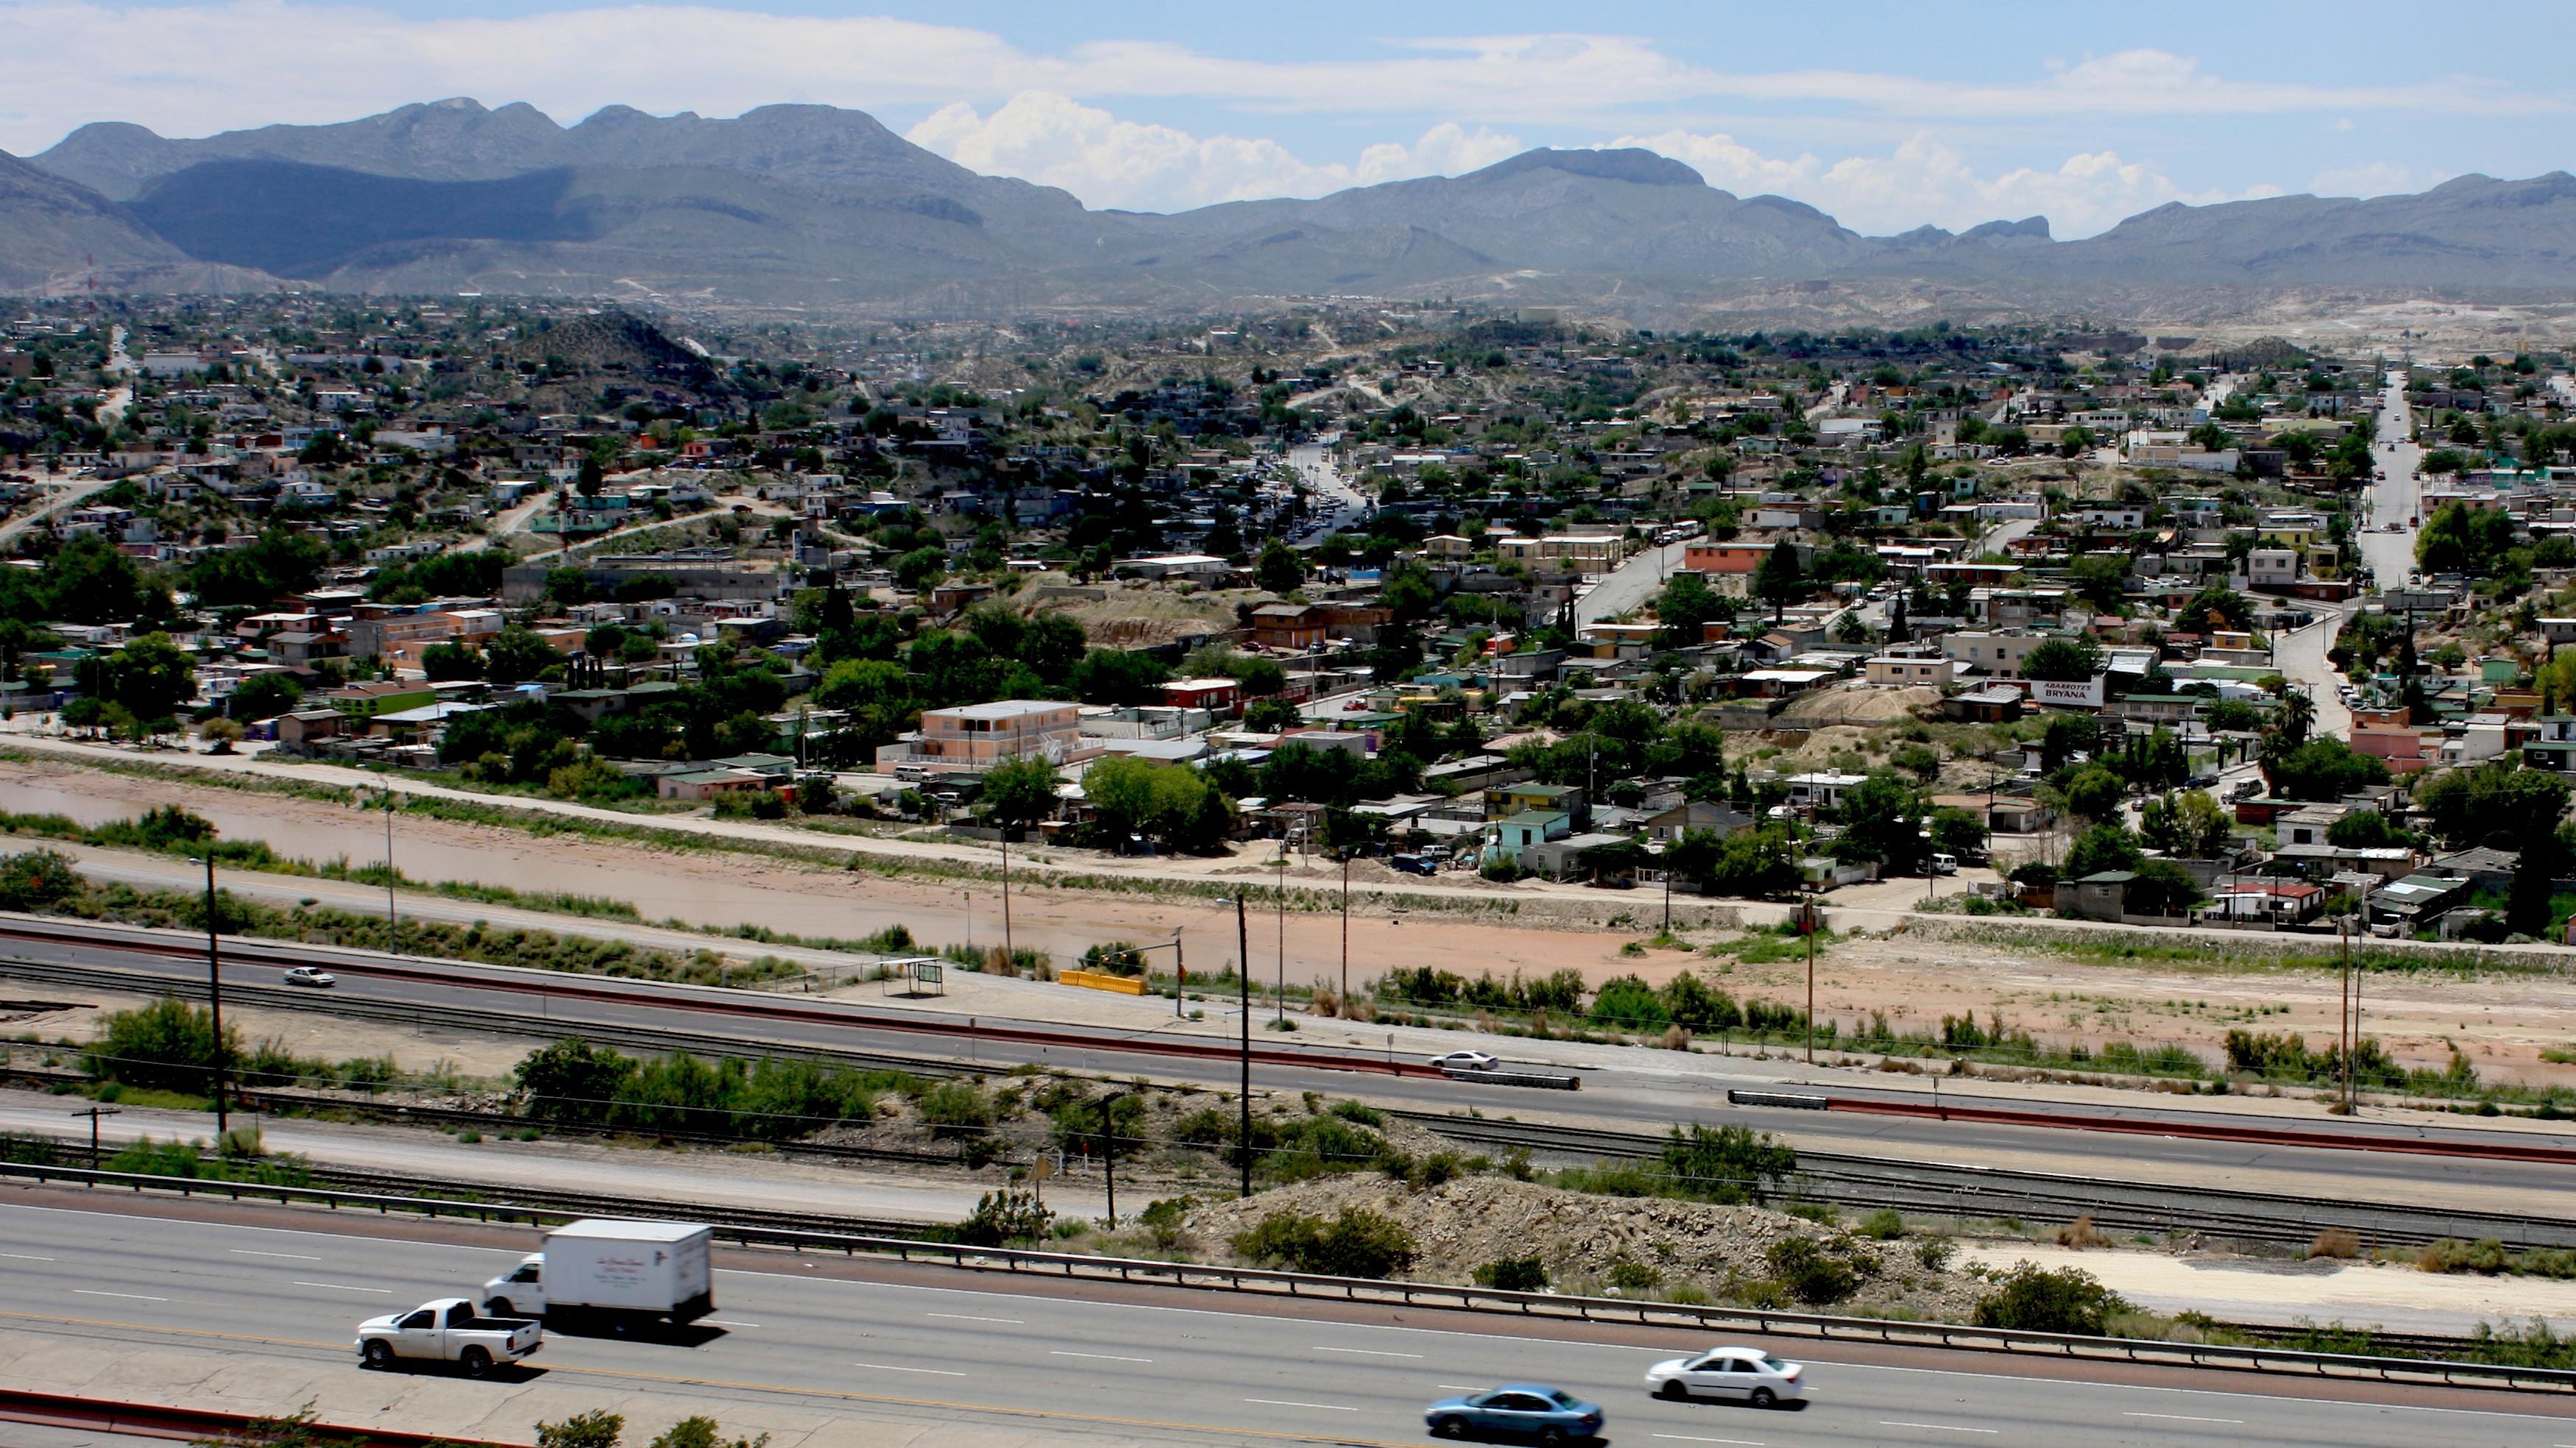 A view of Ciudad Juárez, Mexico, from neighboring El Paso, Texas.